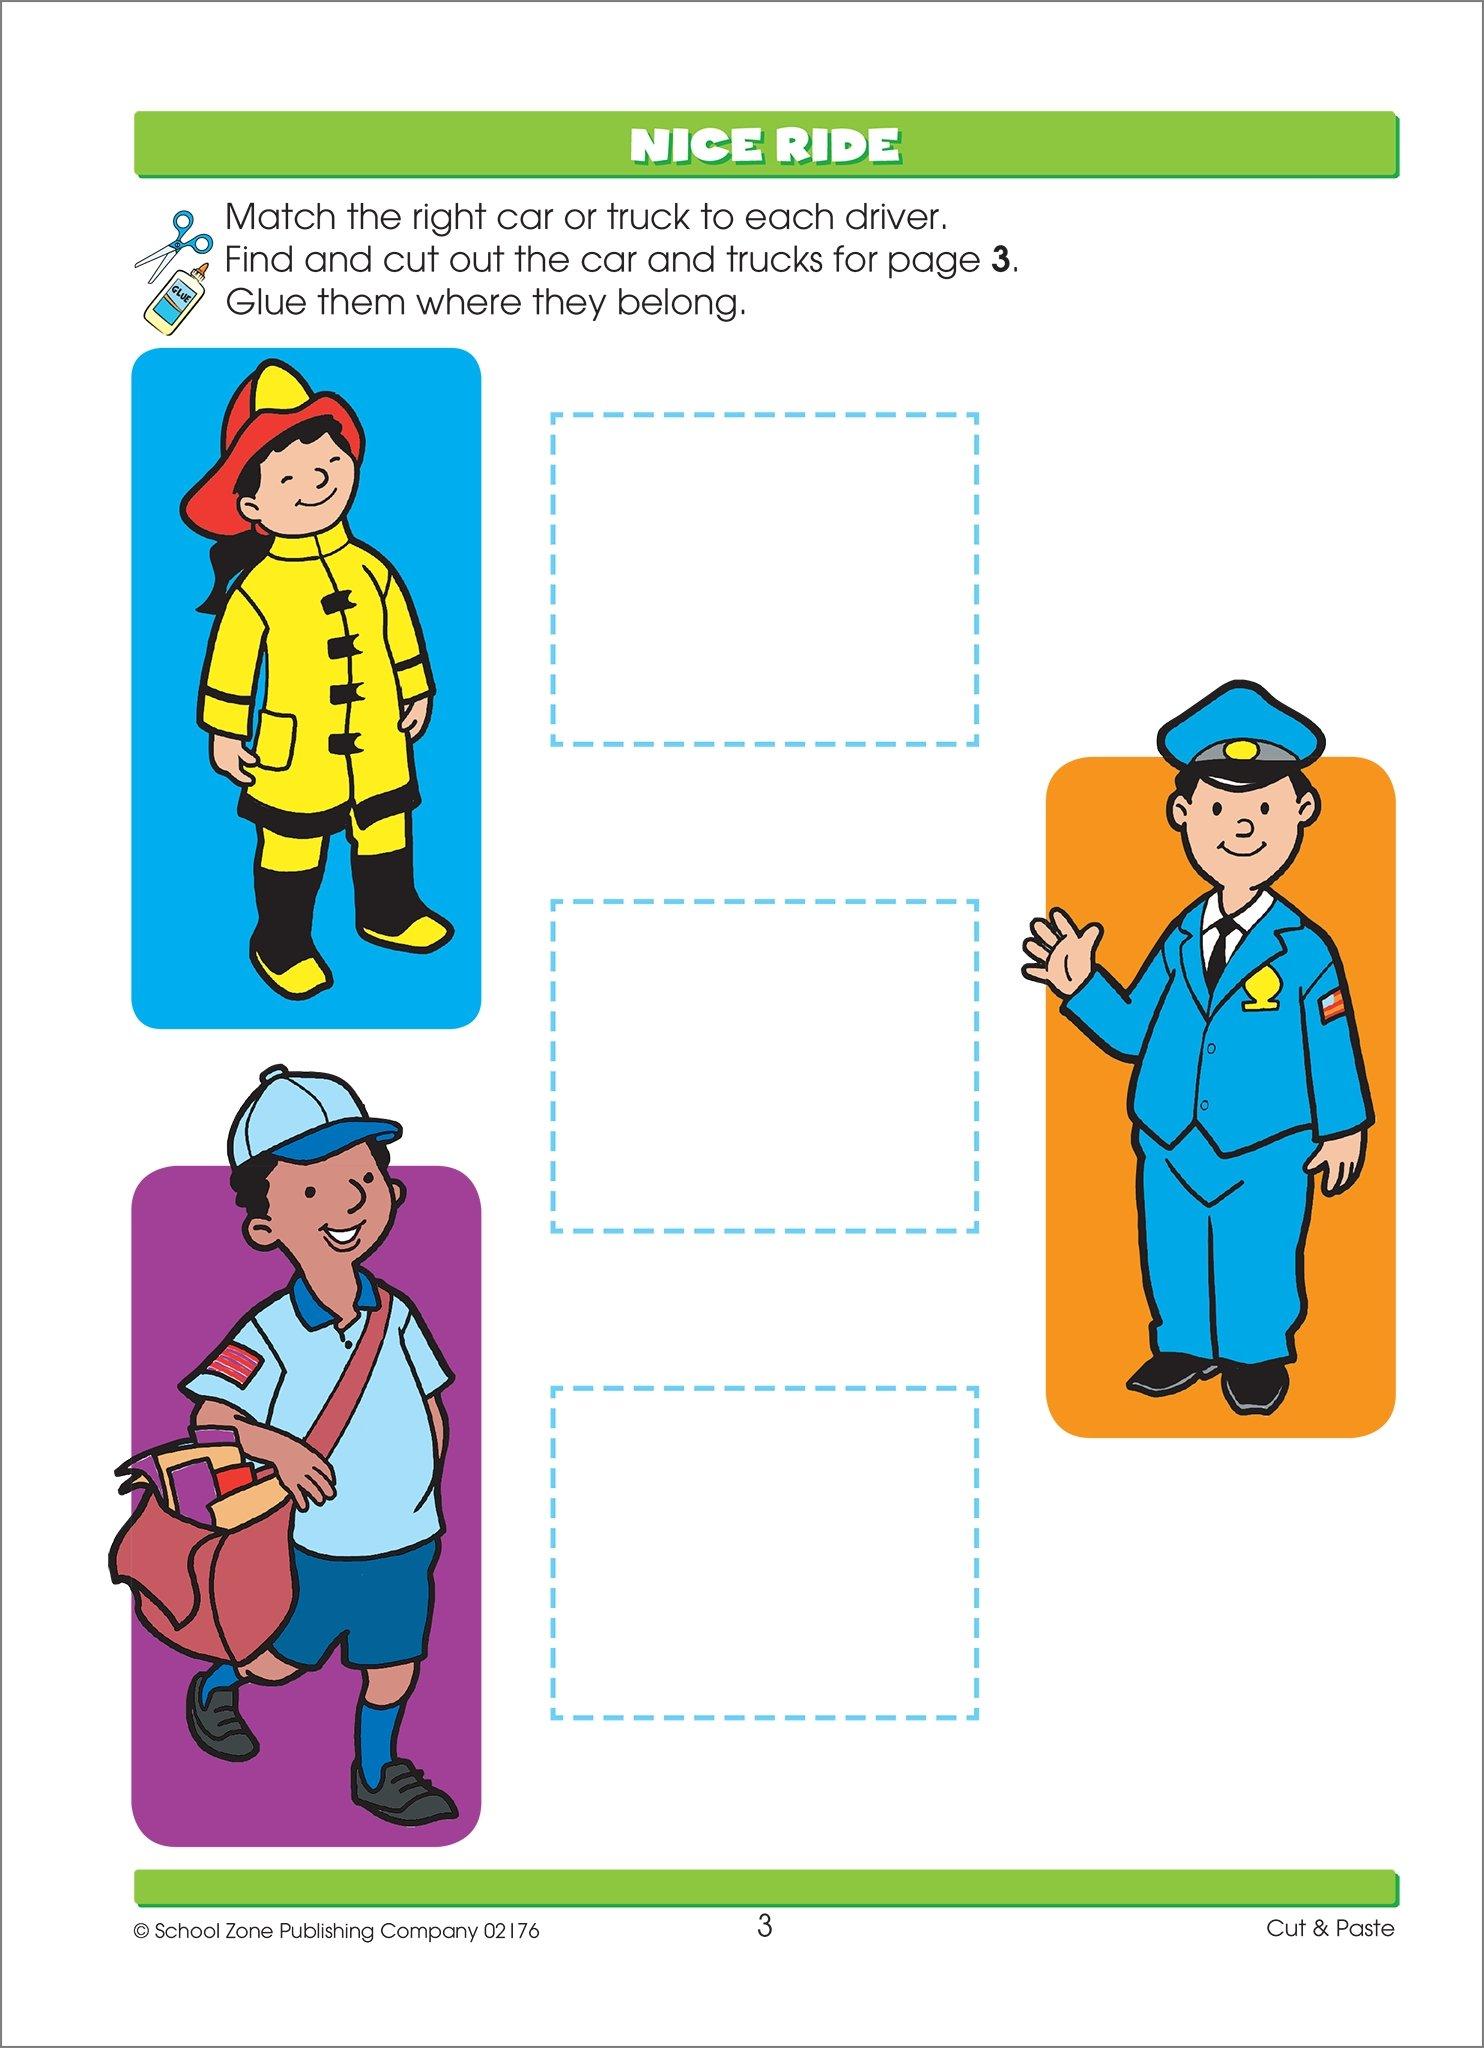 SCHOOL ZONE - Preschool Practice Scissors Skills Workbook, Preschool and  Kindergarten, Ages 3 through 5, Fine Motor Skills, Hand-Eye Coordination:  Joan ...